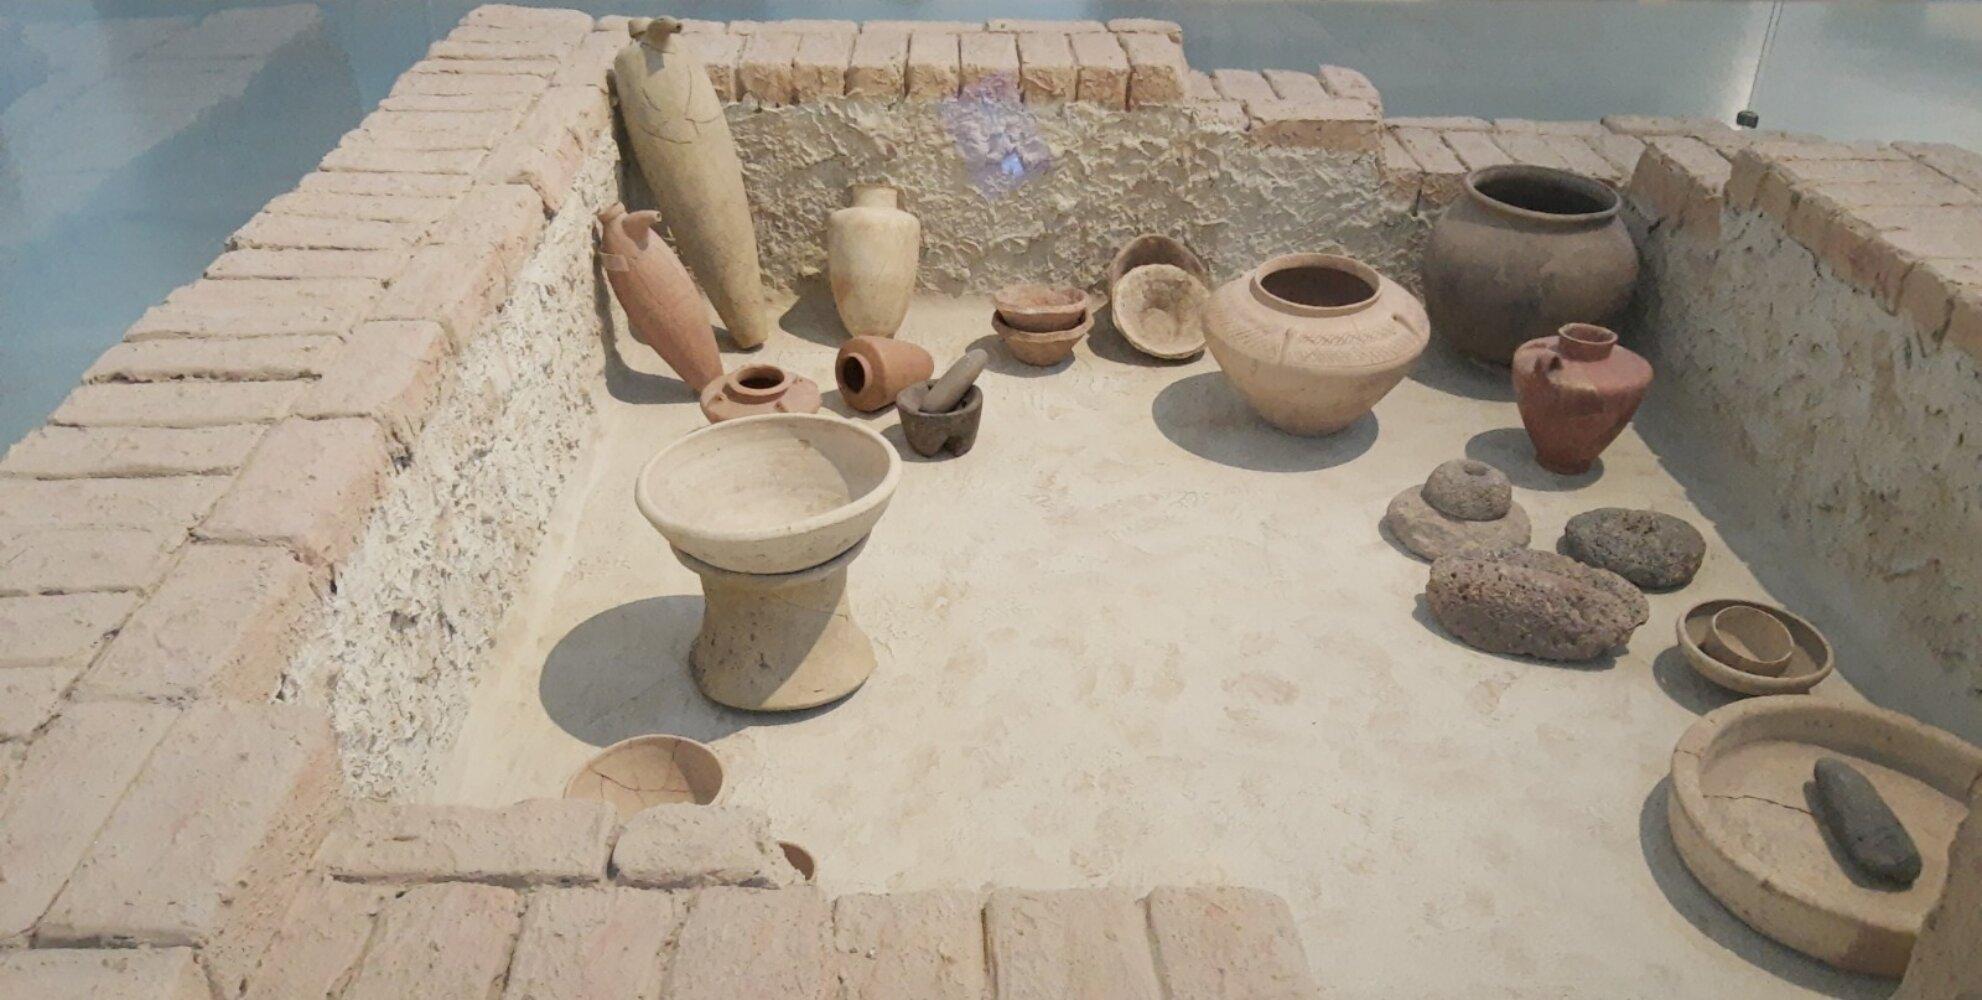 Foto zeigt Haushaltsausstattung vor 5000 Jahren Ein Einblick in das Alltagsleben der Bewohner. Zusehen sind verschiedene Gegenstände zur Nahrungszubereitung: Reibstein, Mörser und Stöße aus Stein  finden sich variantenreiche Keramikgefäße.